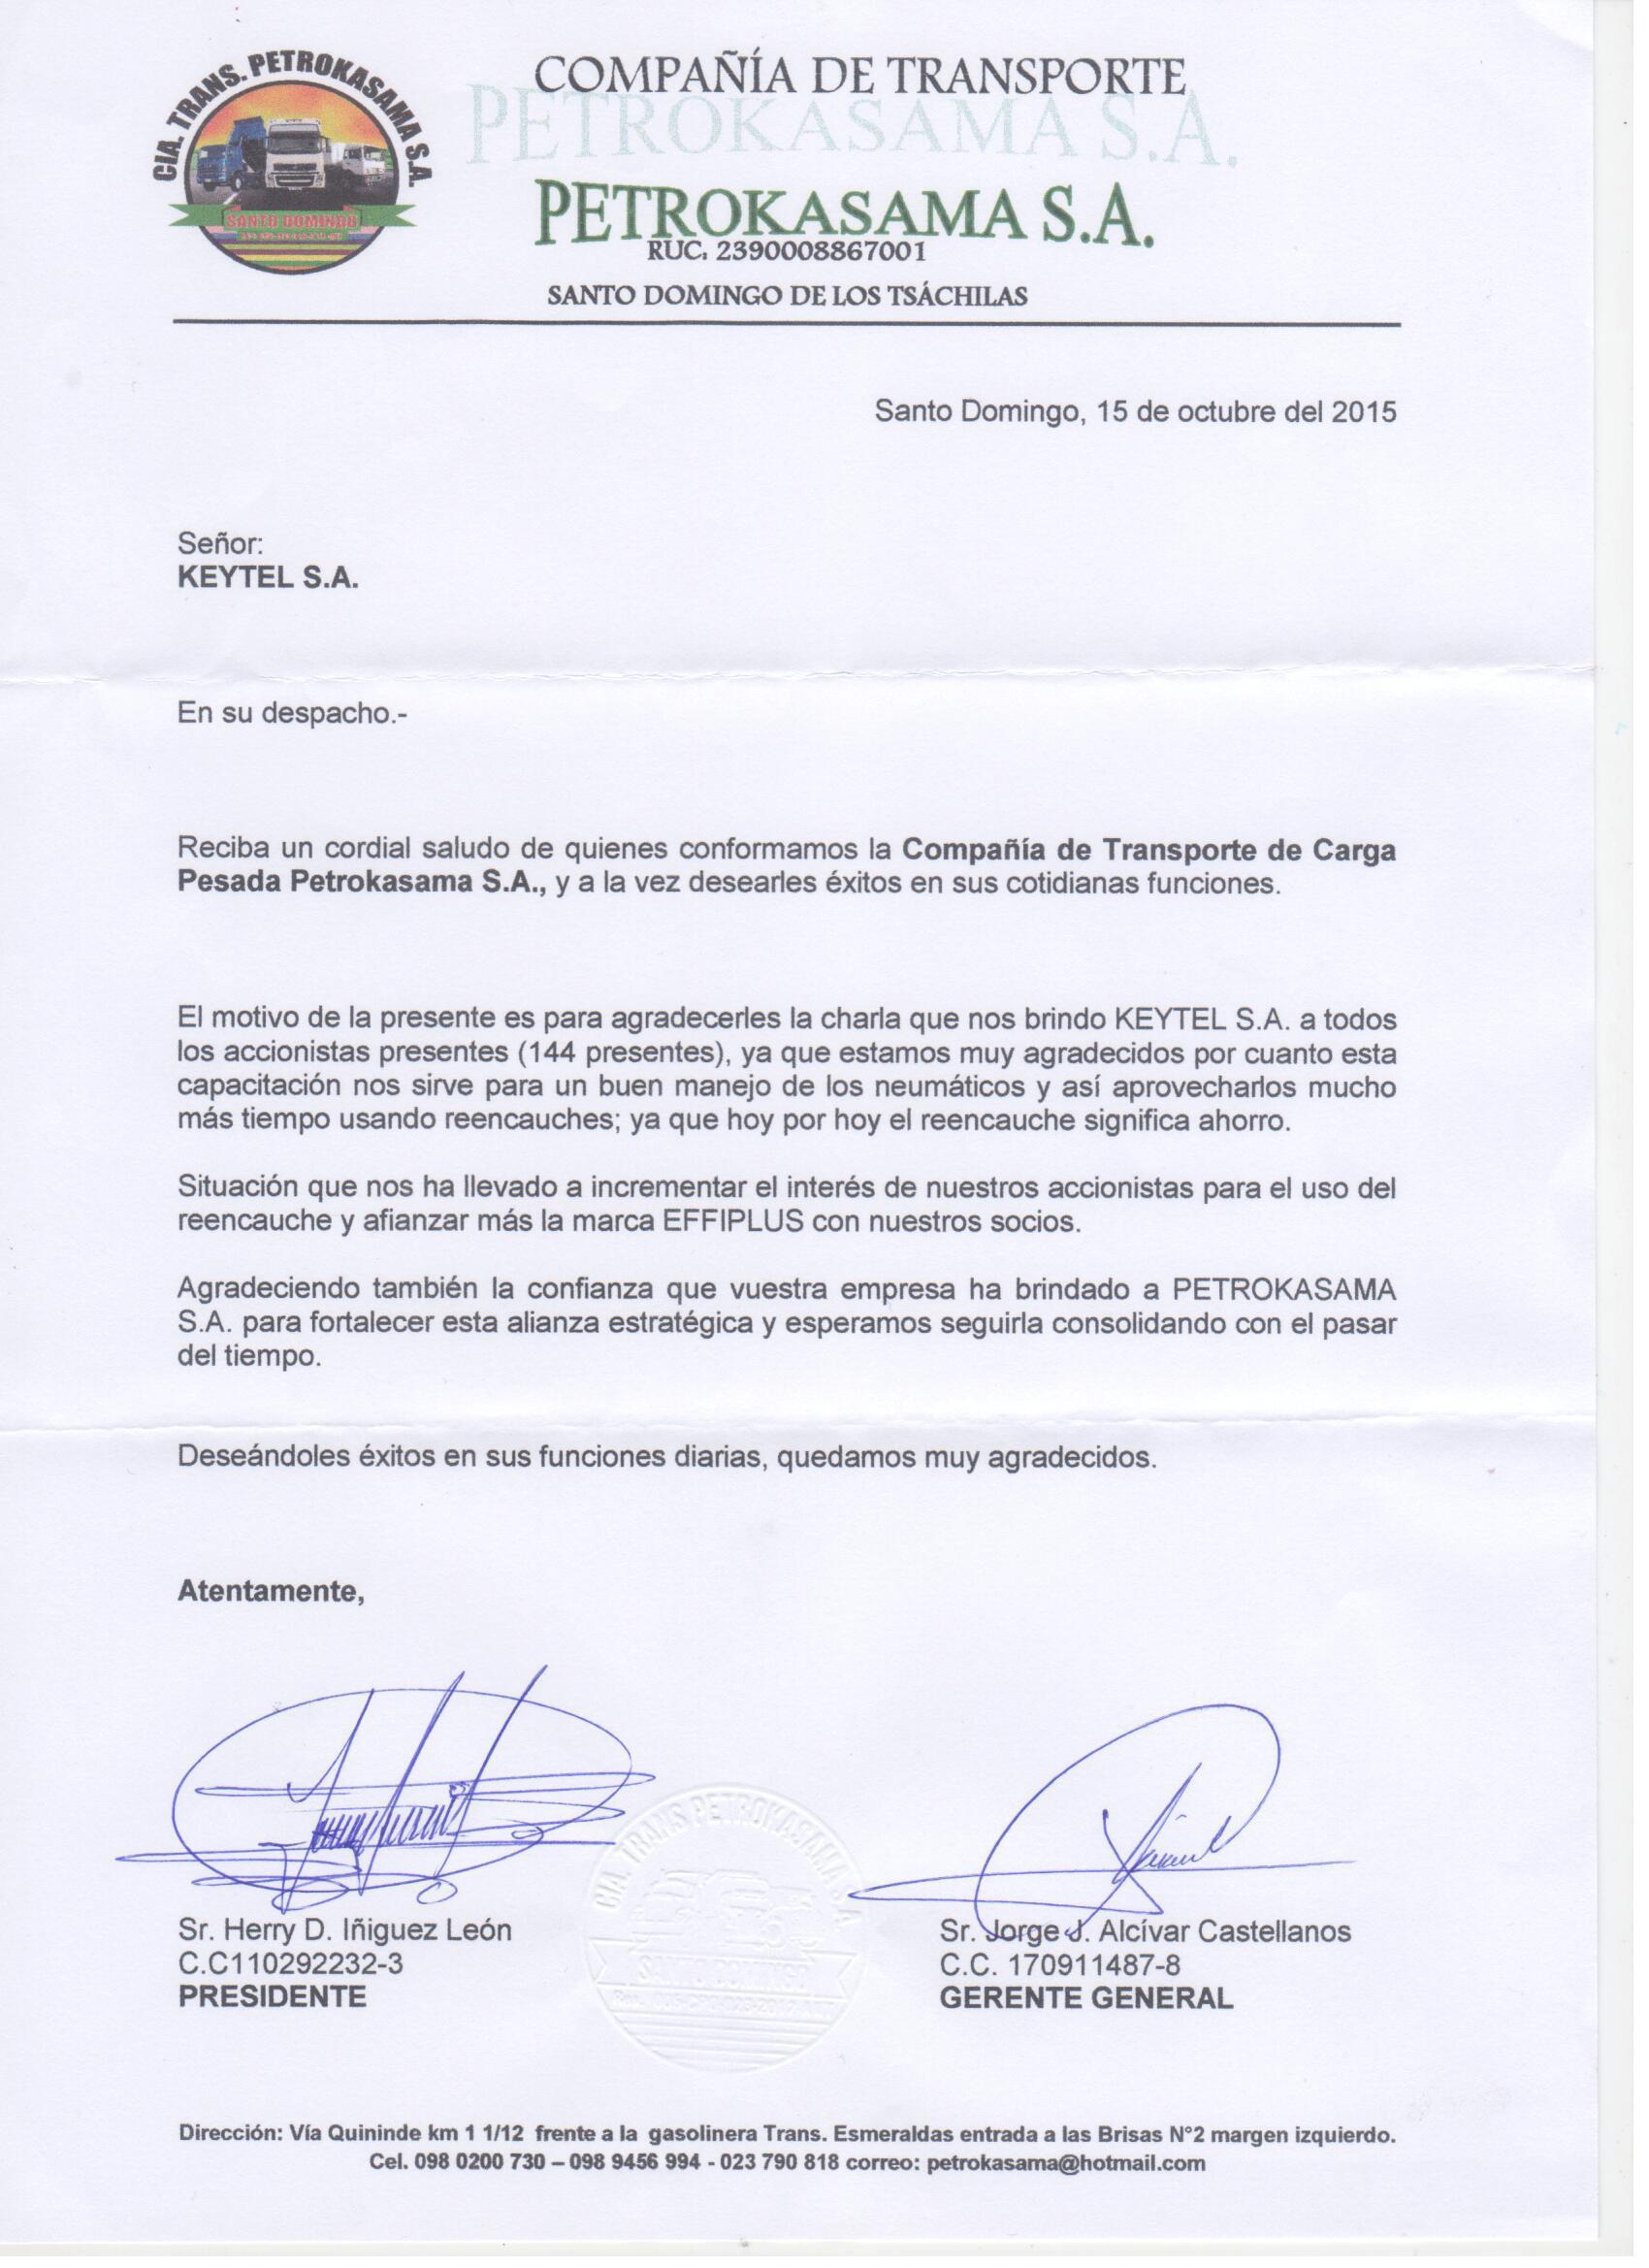 Thanks Letter from Effiplus Partner in Ecuador